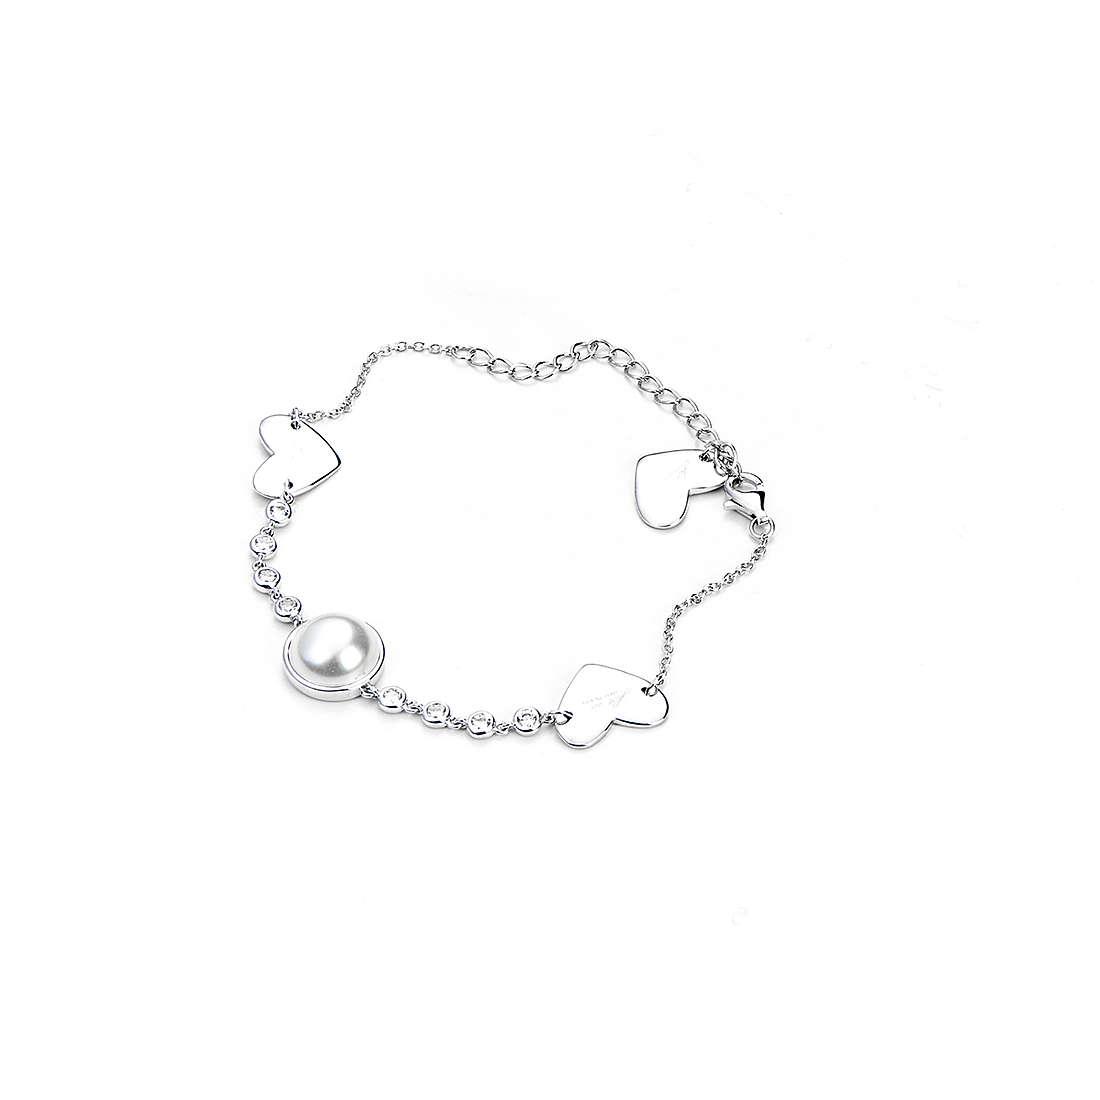 CESARE PACIOTTI 4US Bracciale Donna Collezione Galaxy Of Pearls Argento- 4UBR2603W